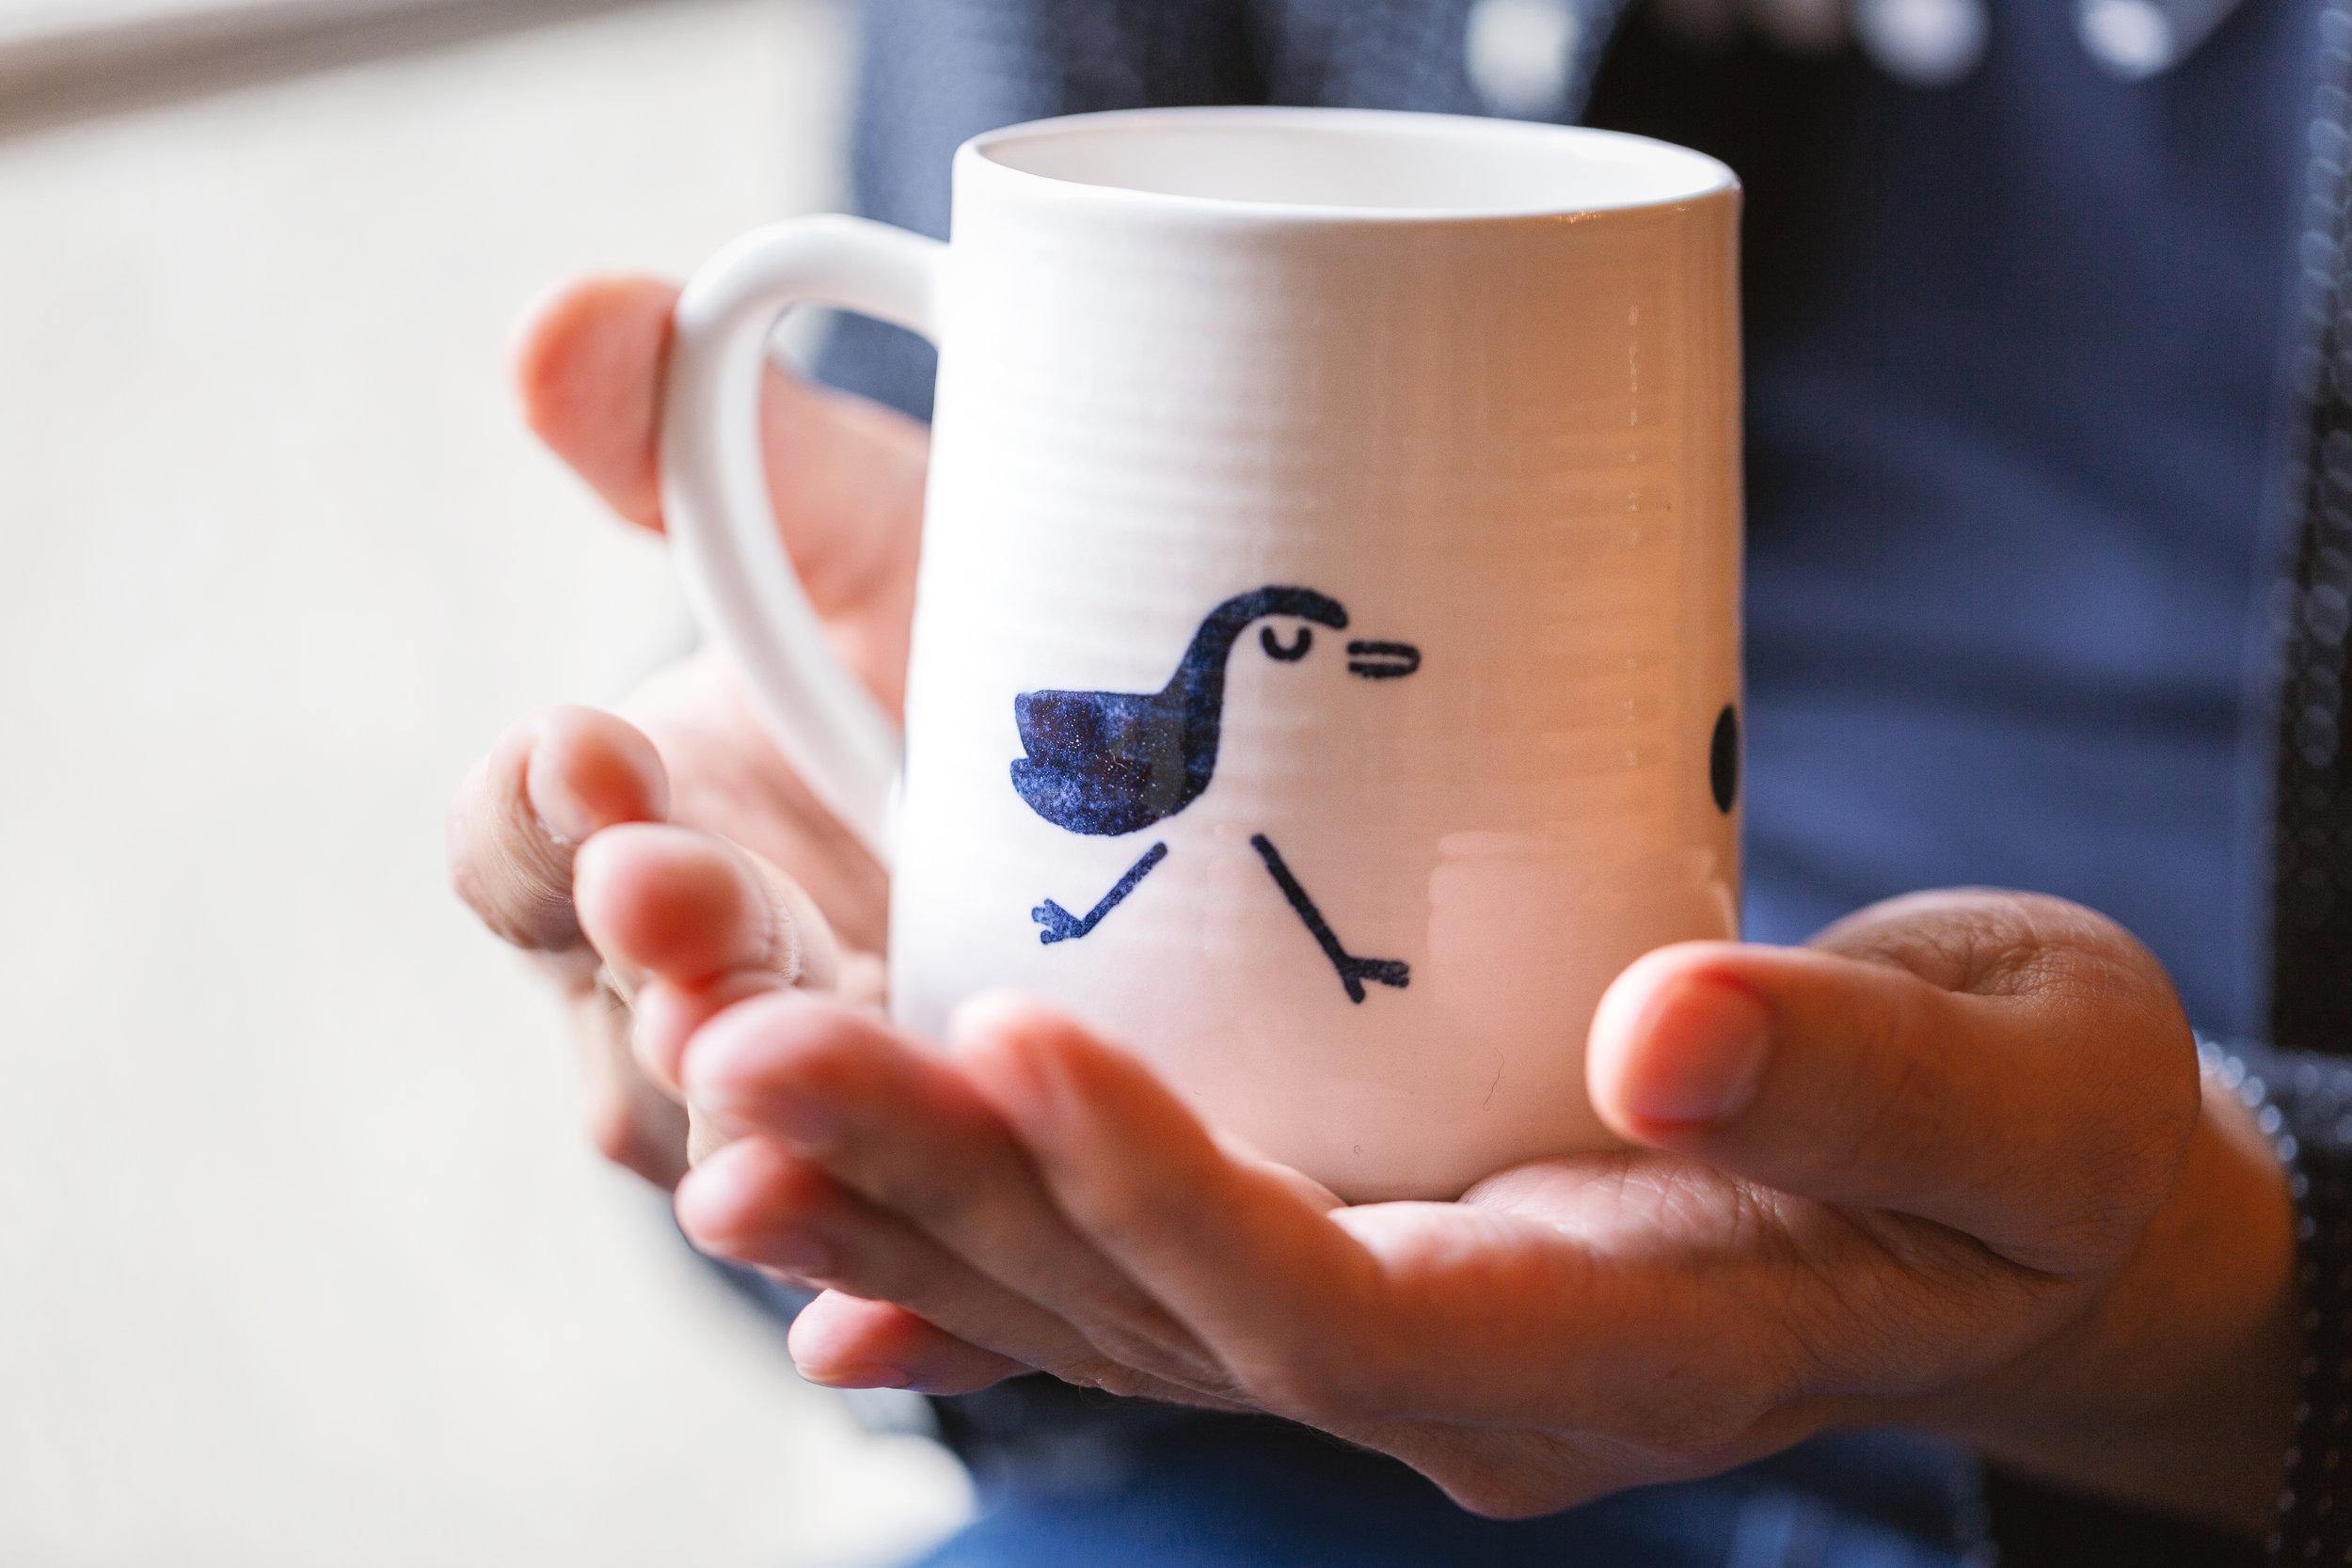 山形杯的设计像山一样可以稳立在桌面上,尺寸开发从大容量延伸到适用一杯咖啡的小容量,特别符合上班族的茶饮需求。